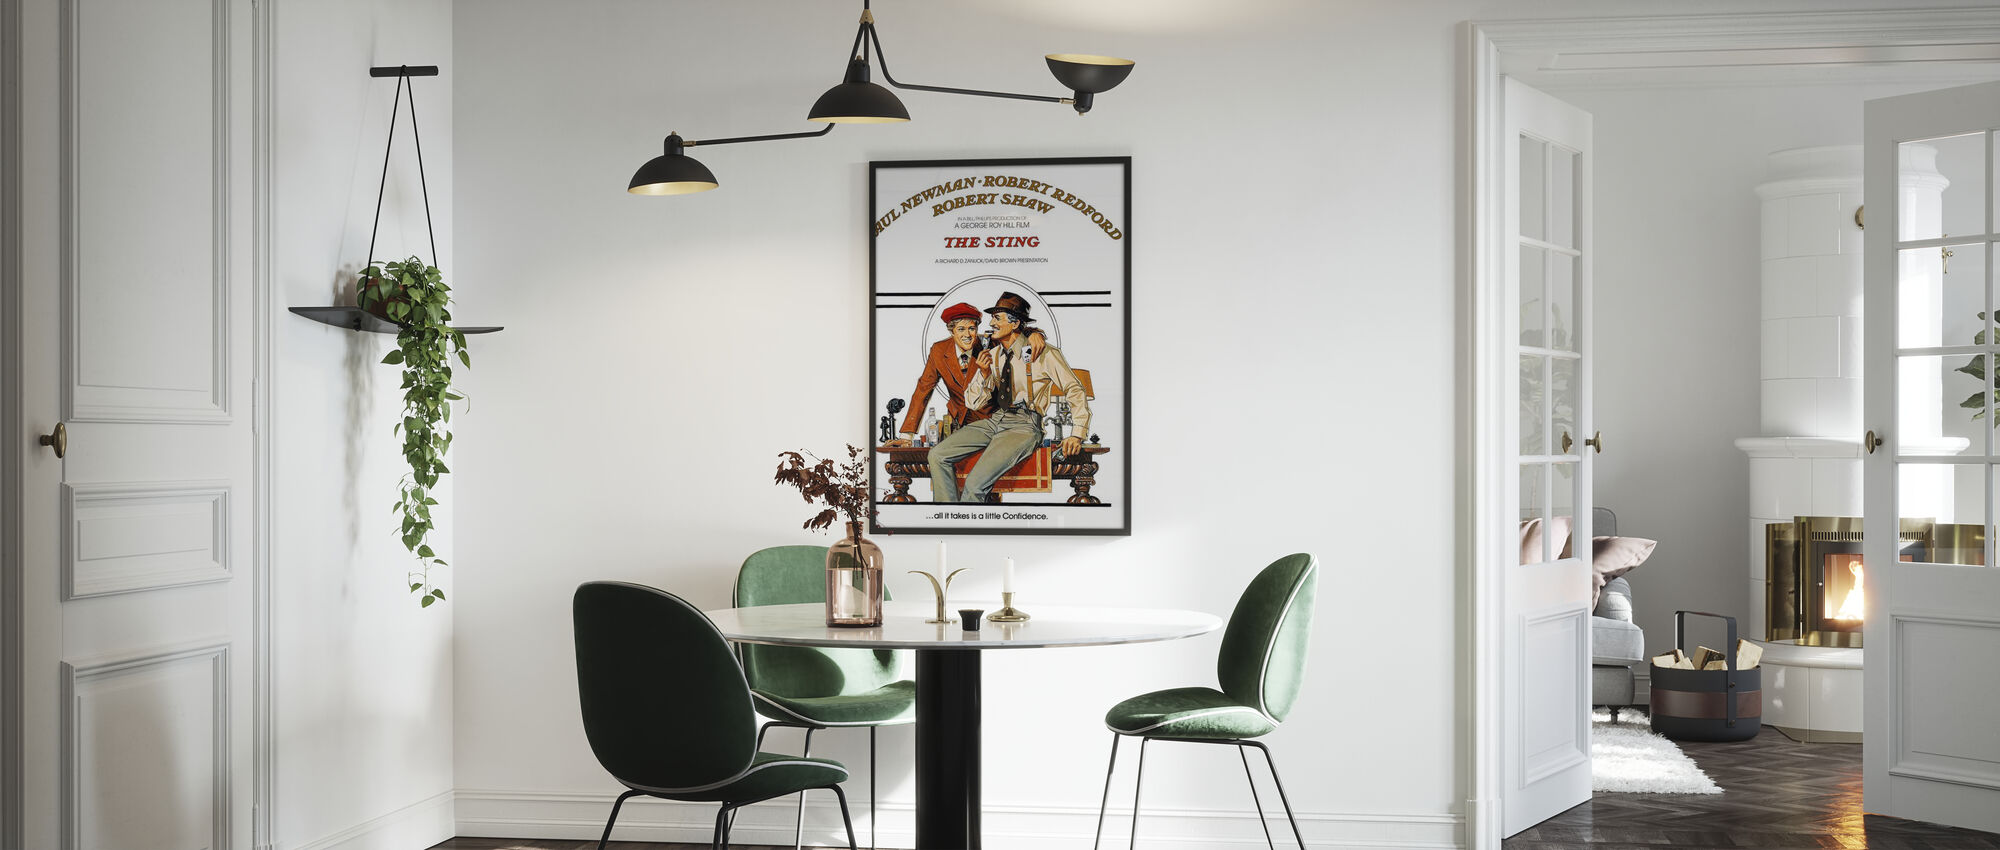 Sting - Poster - Keuken